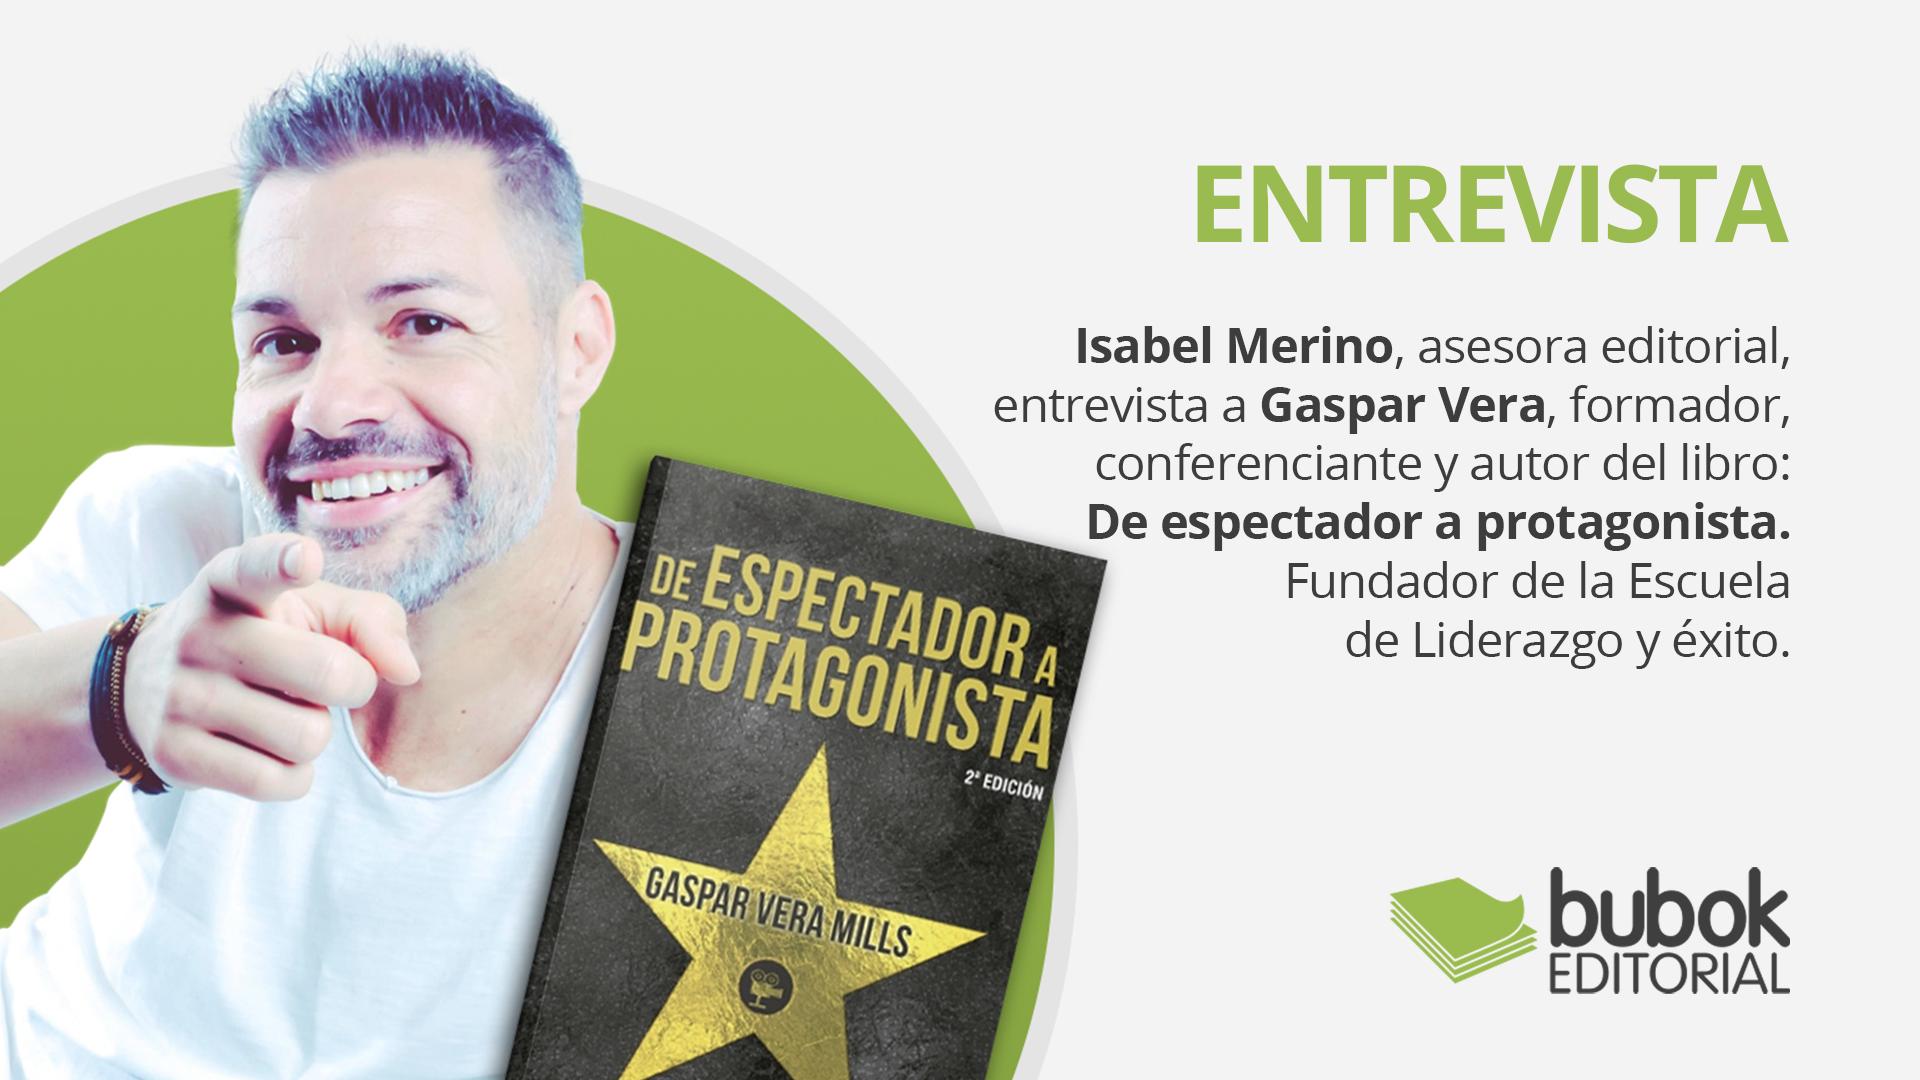 Entrevista a Gaspar Vera, escritor y fundador de la escuela Liderazgo y Éxito